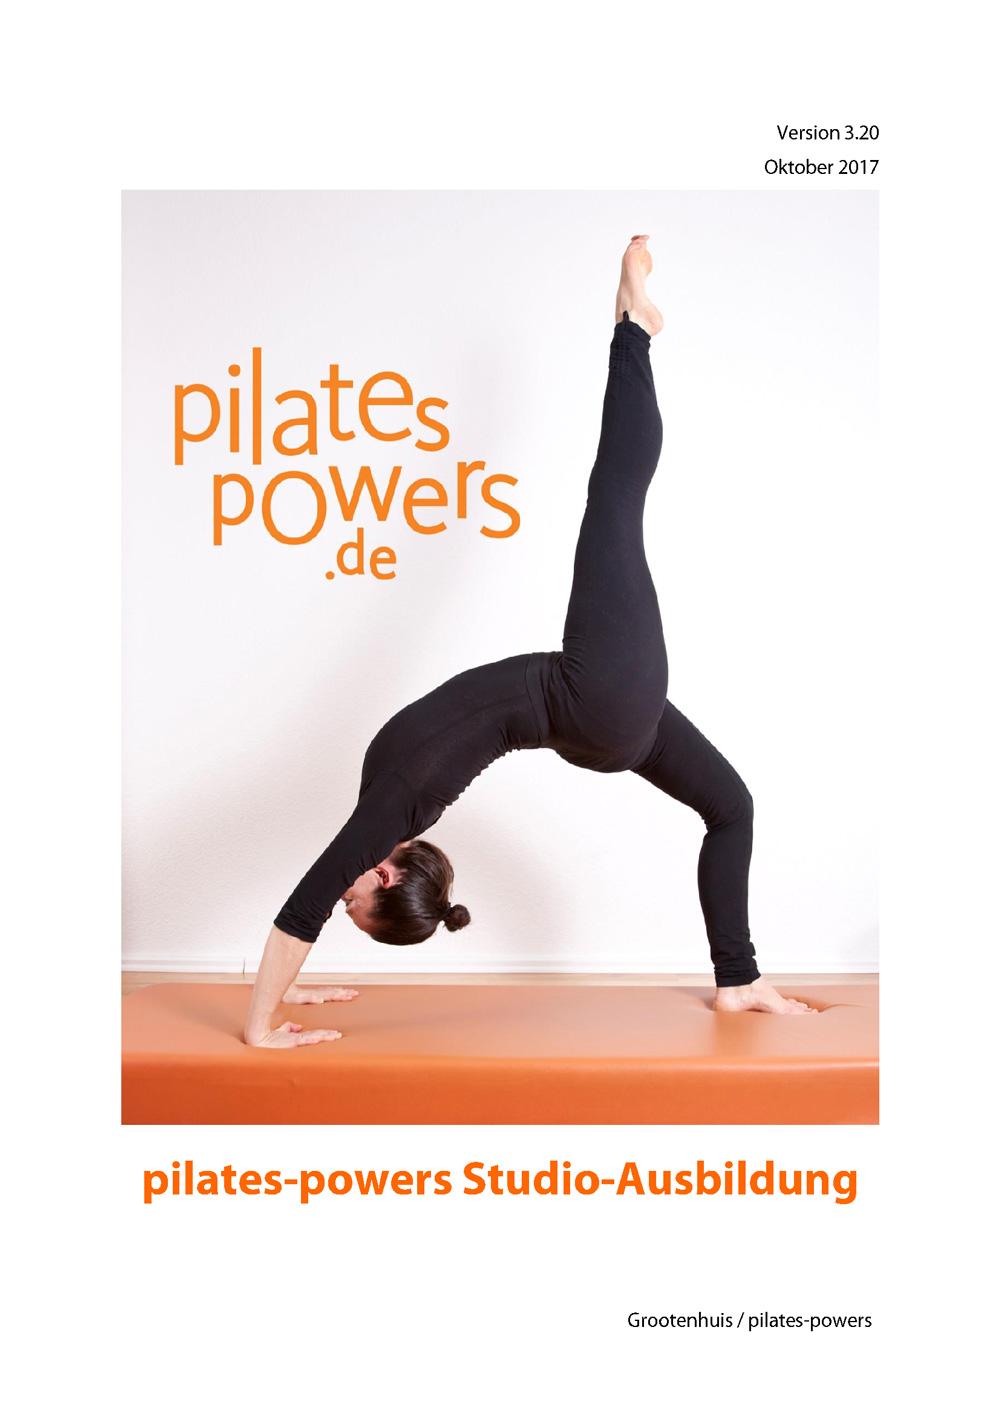 - Unsere Ausbildungsunterlage über alle Aspekte der Pilates Methode.